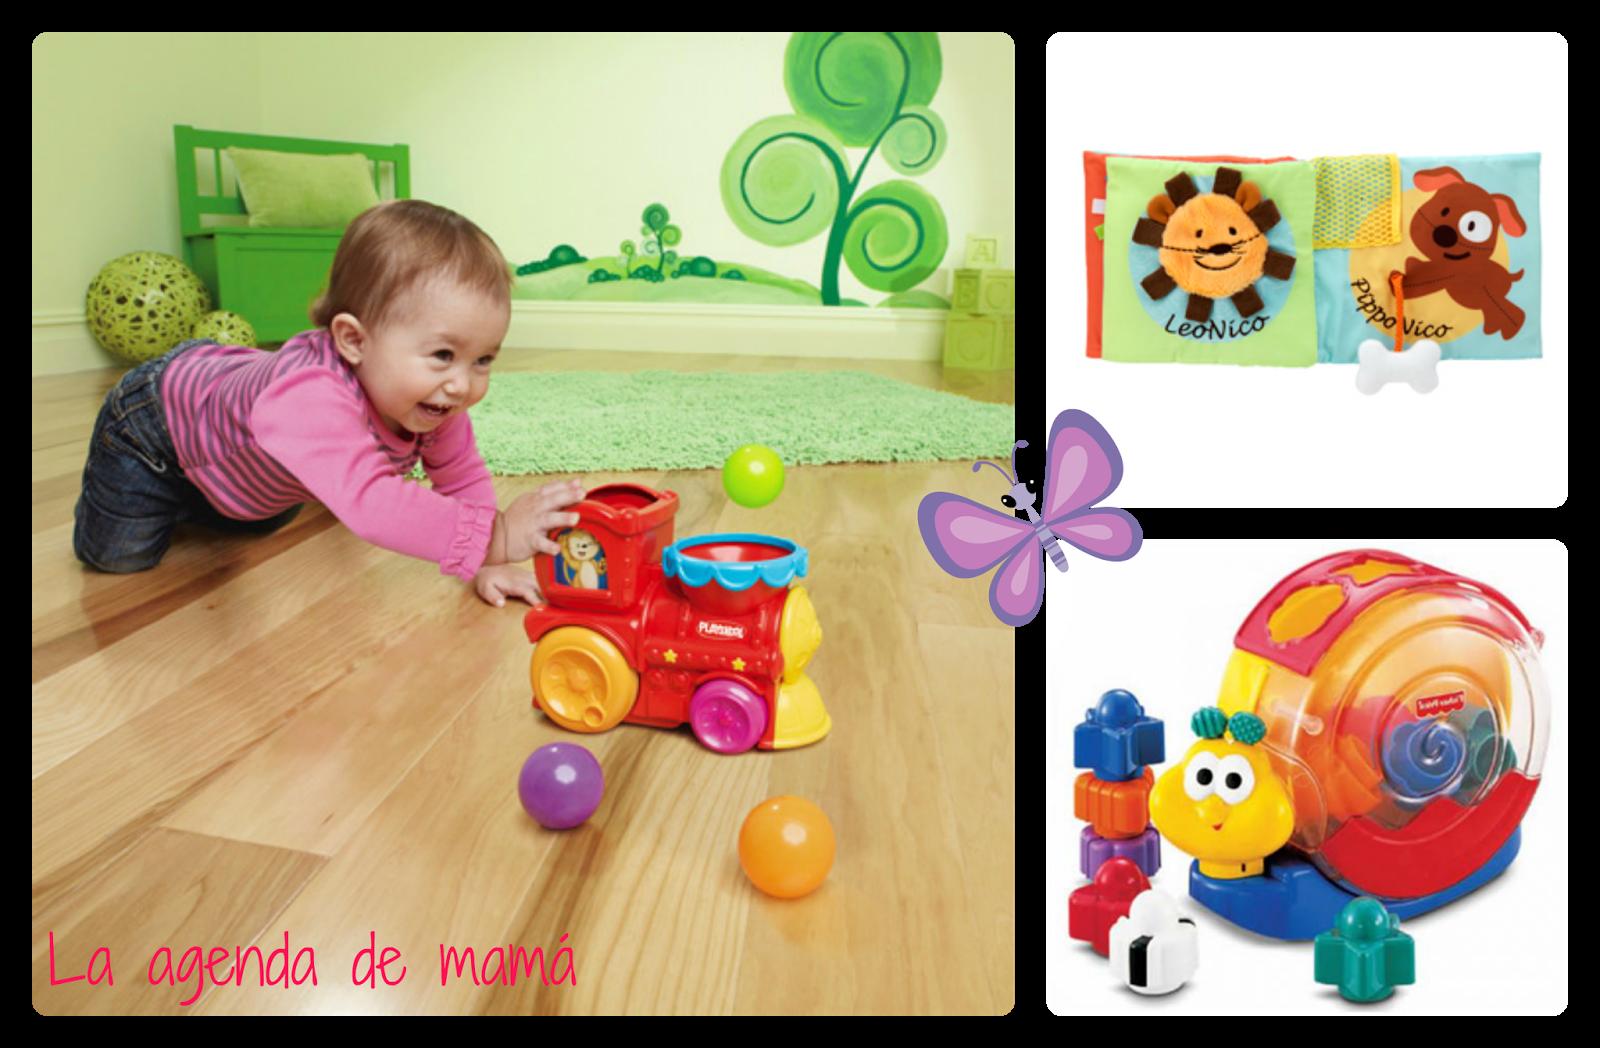 Juguetes para beb s de 6 a 12 meses la agenda de mam blog de embarazo maternidad y familia - Juguetes para ninos 10 meses ...